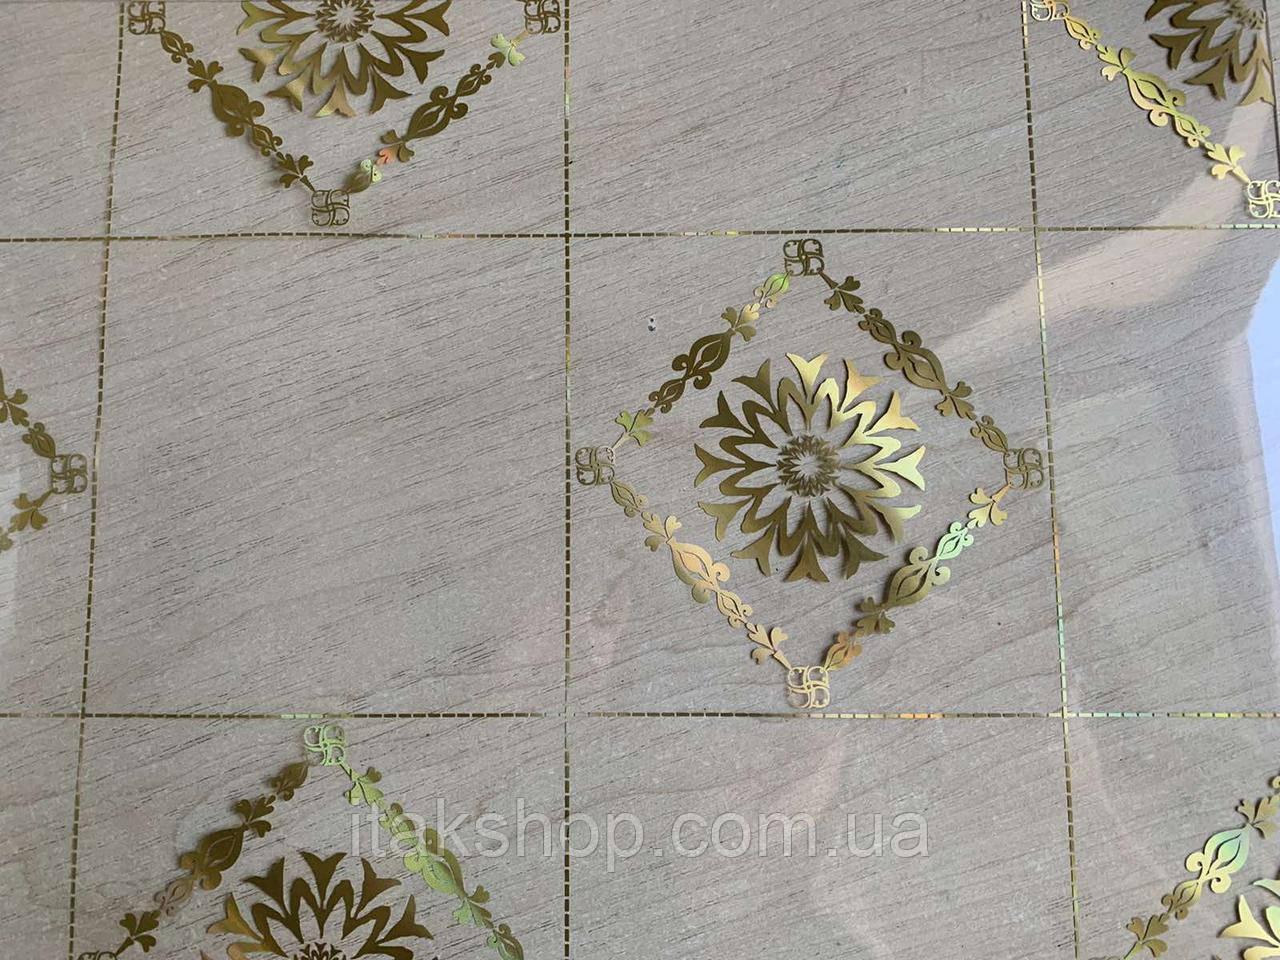 Мягкое стекло Скатерть с лазерным рисунком для мебели Soft Glass 1.6х0.8м толщина 1.5мм Золотистая клетка